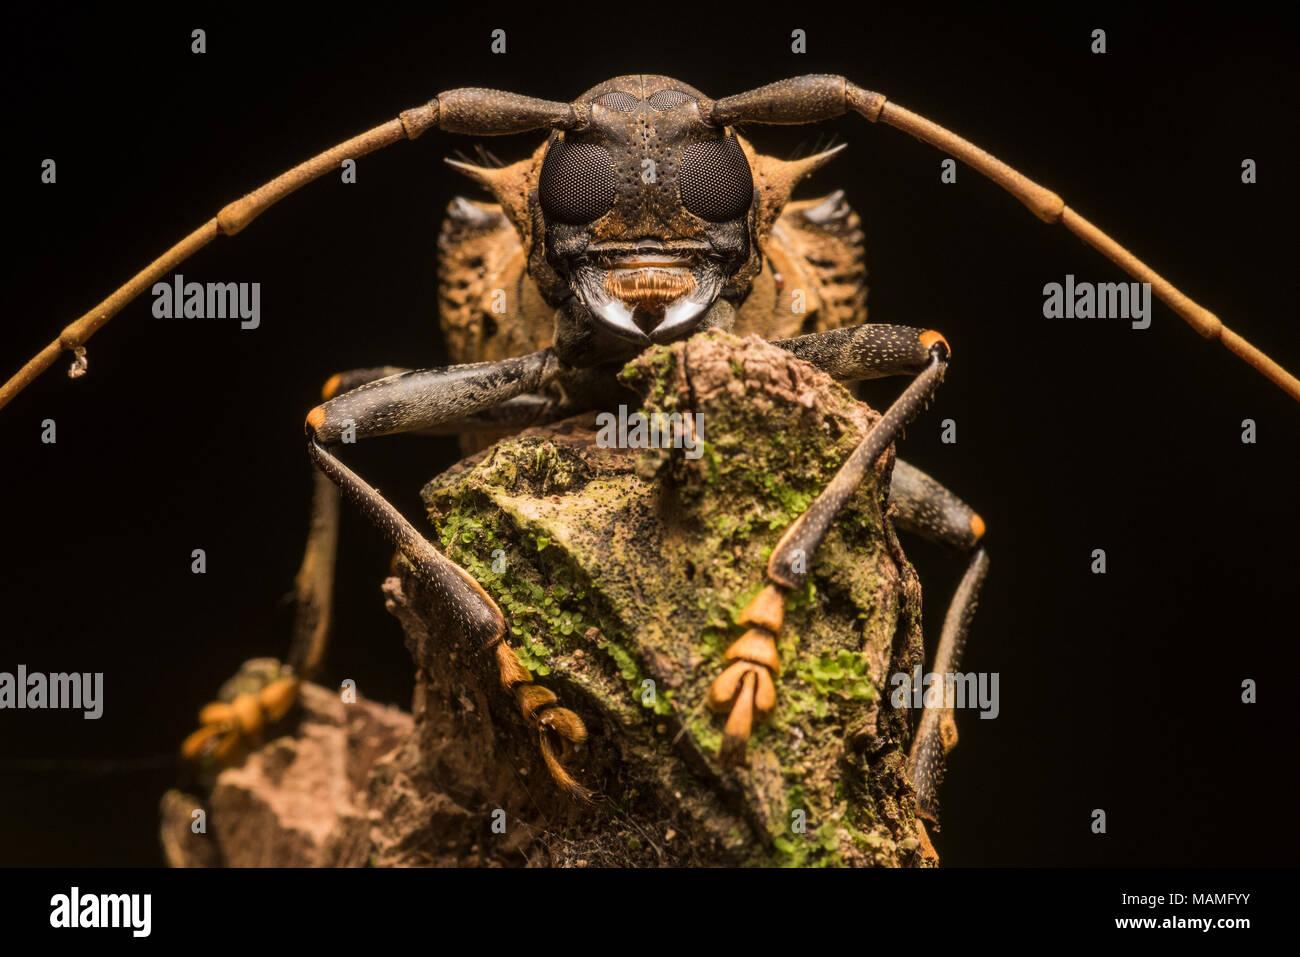 Ein tropischer Käfer portrait aus den peruanischen Dschungel in der Nähe von Tarapoto, einem beeindruckenden Käfer noch mehr, wenn bis zu schließen. Stockbild